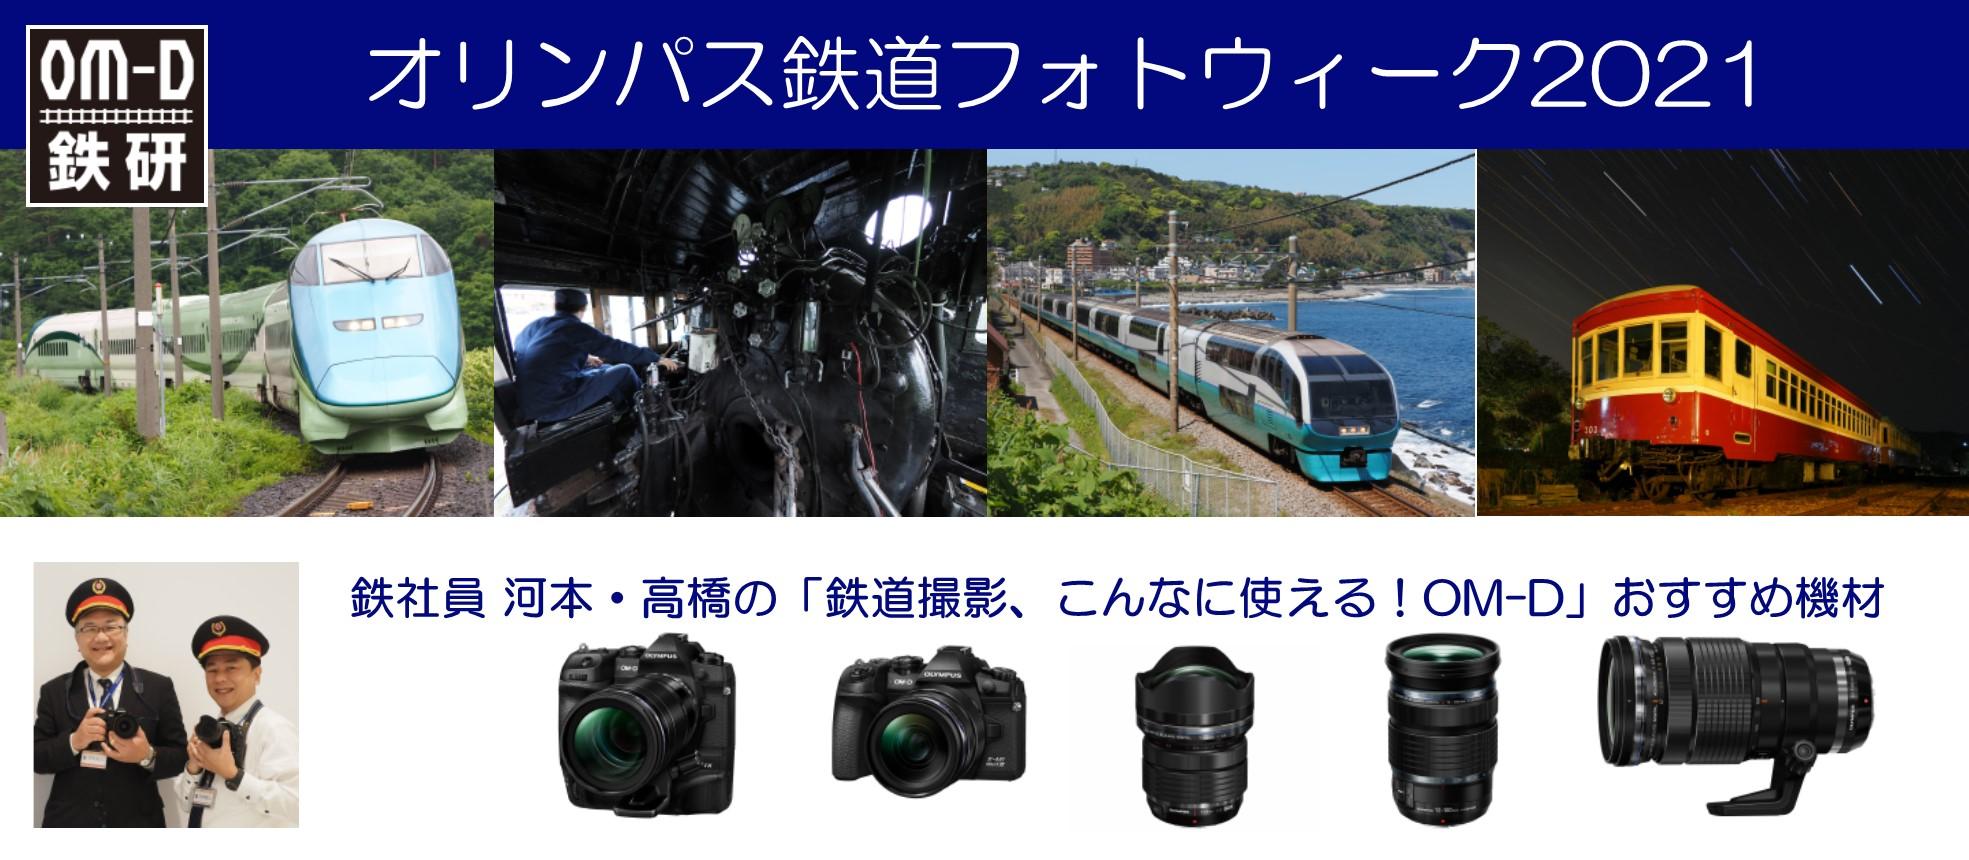 鉄社員による「鉄道撮影、こんなに使える!OM-D」